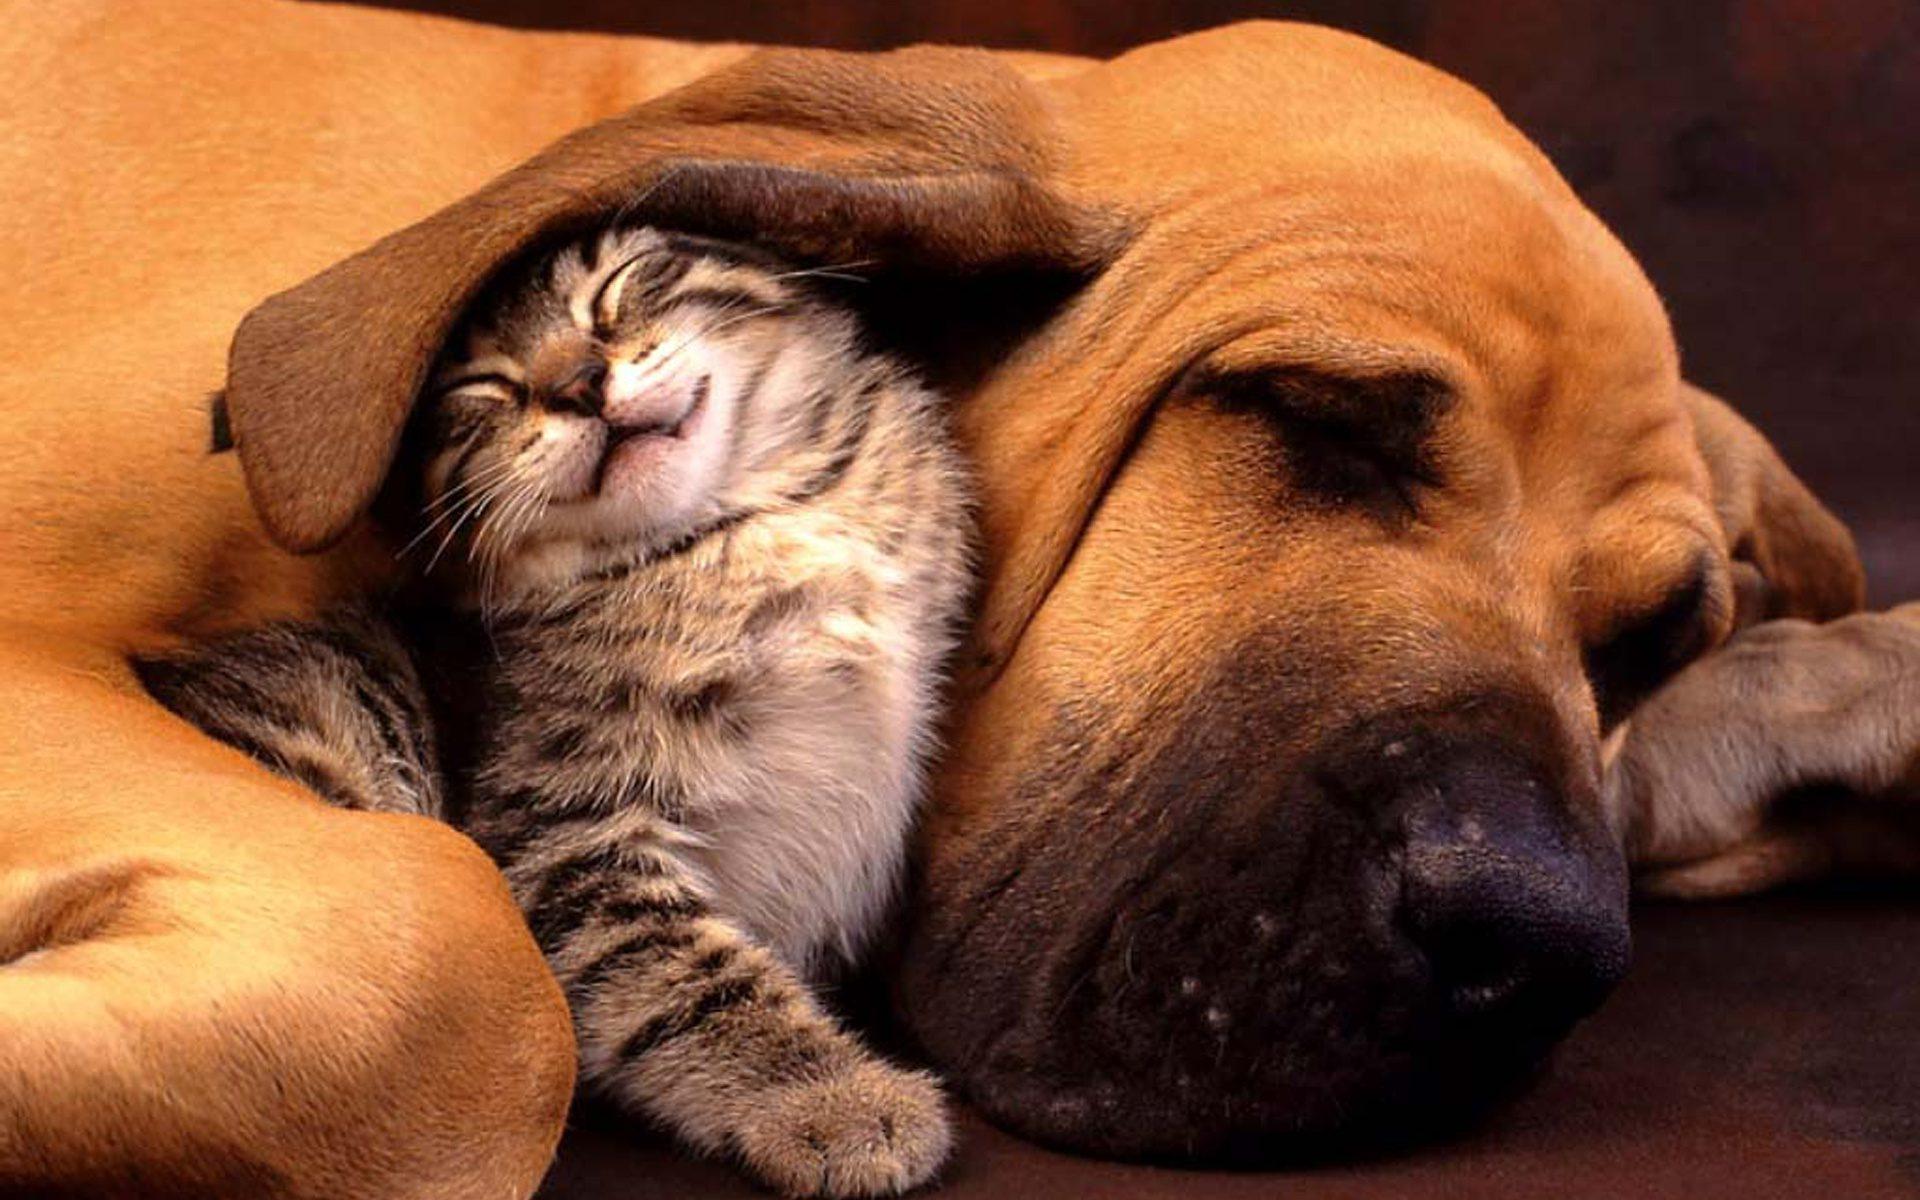 Бладхаунд приютил под своим ухом кота.